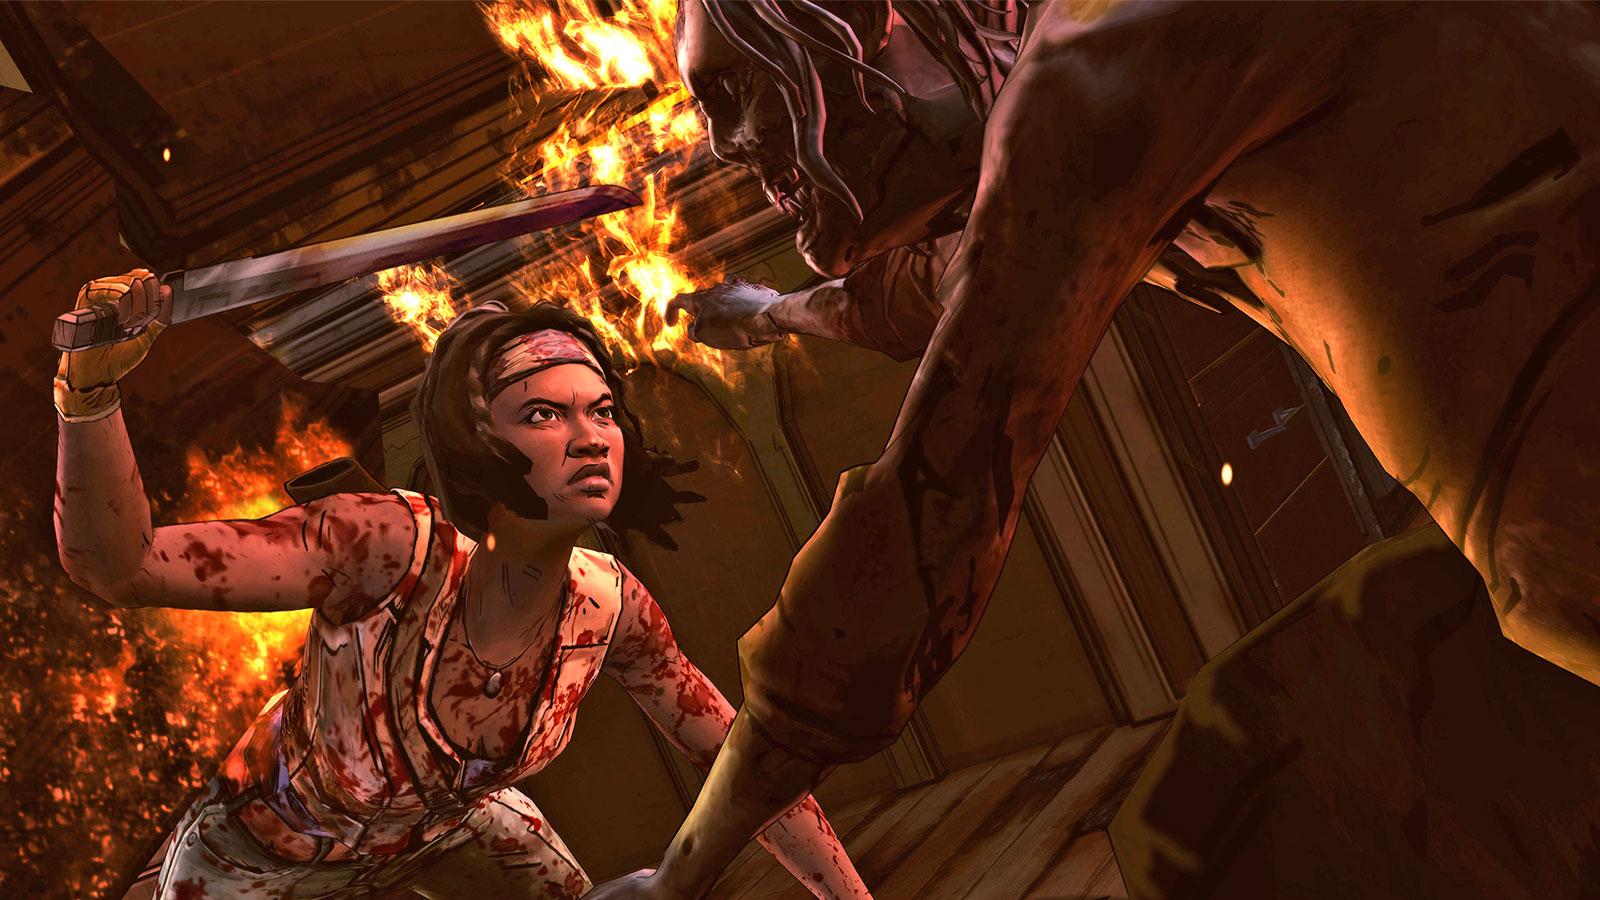 The Walking Dead: Michonne - A Telltale Miniseries concludes April 26